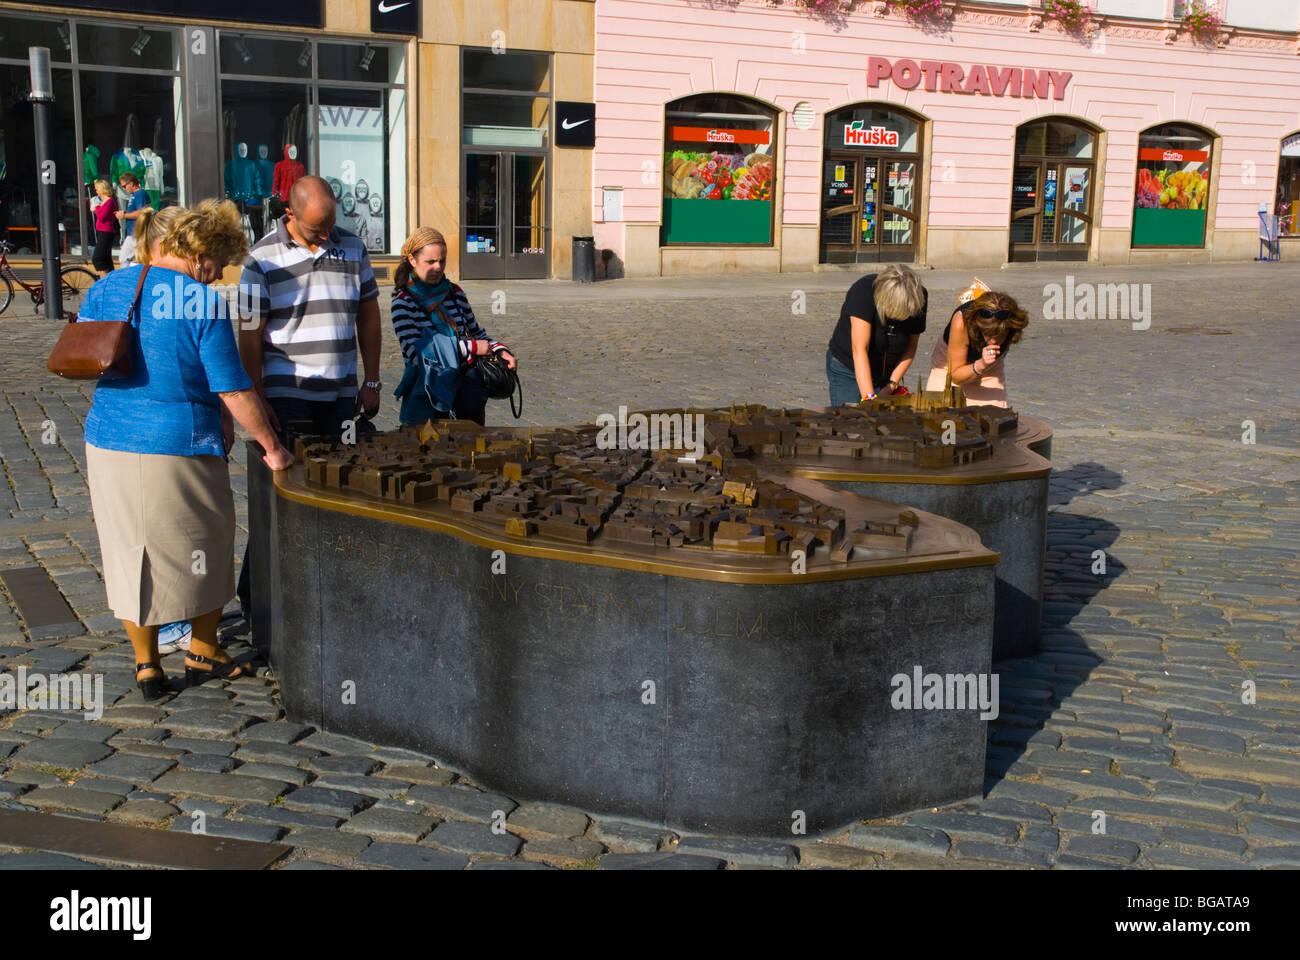 Miniature model of Olomouc Czech Republic Europe - Stock Image